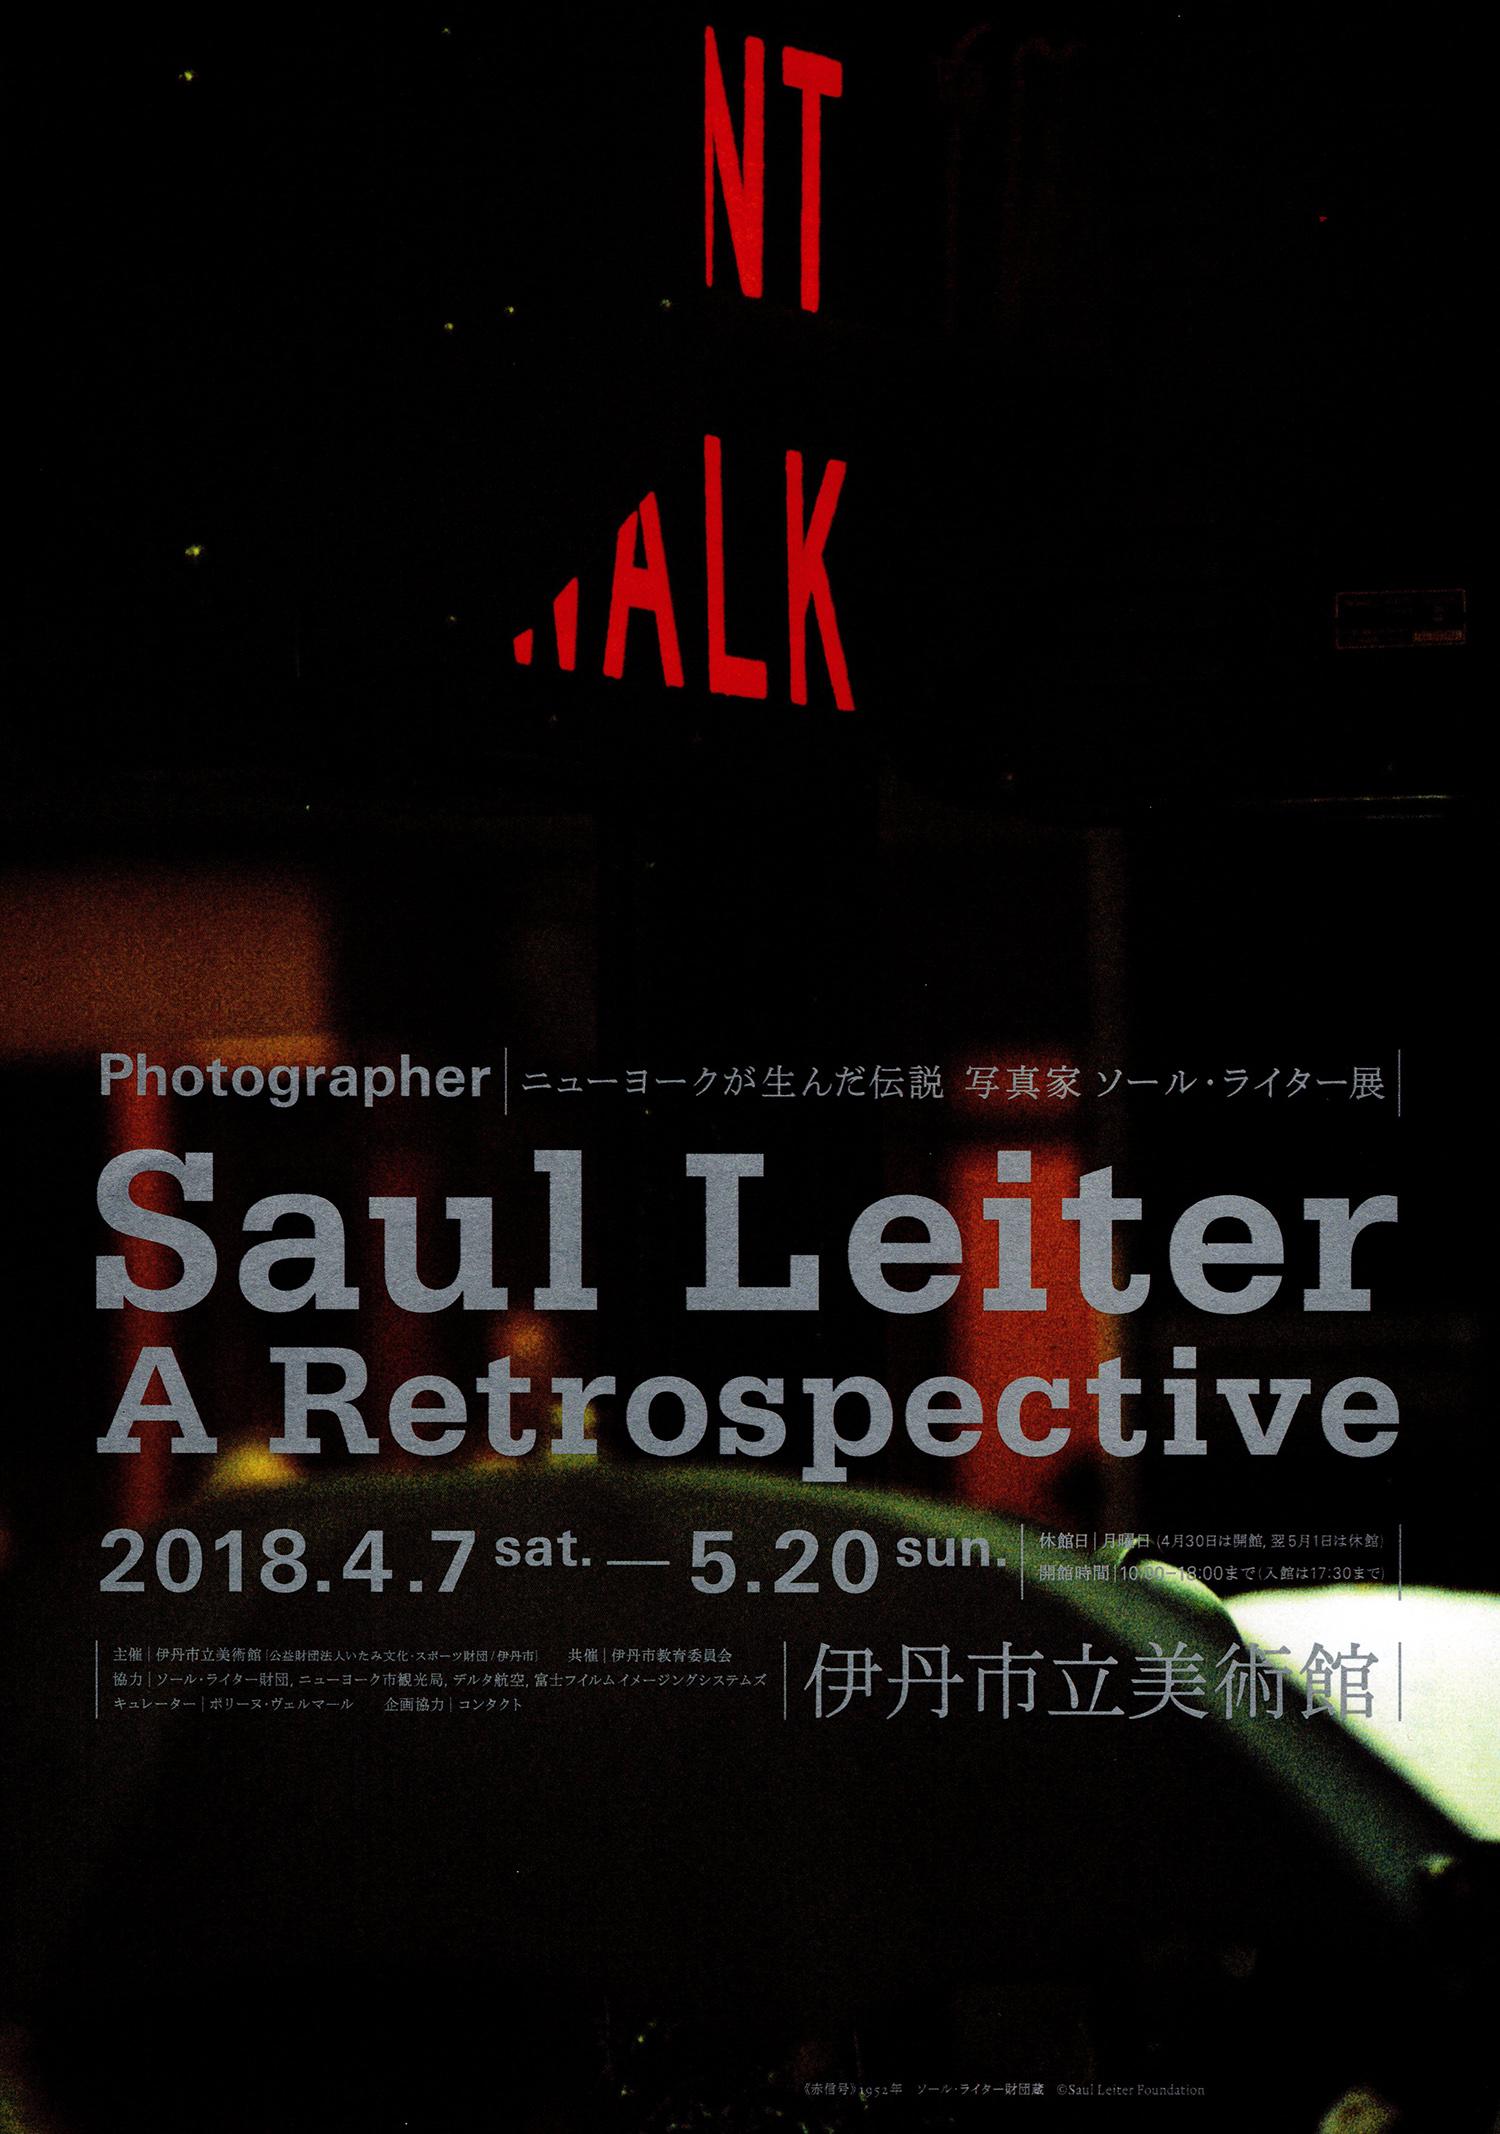 180515_saulleiter02.jpg